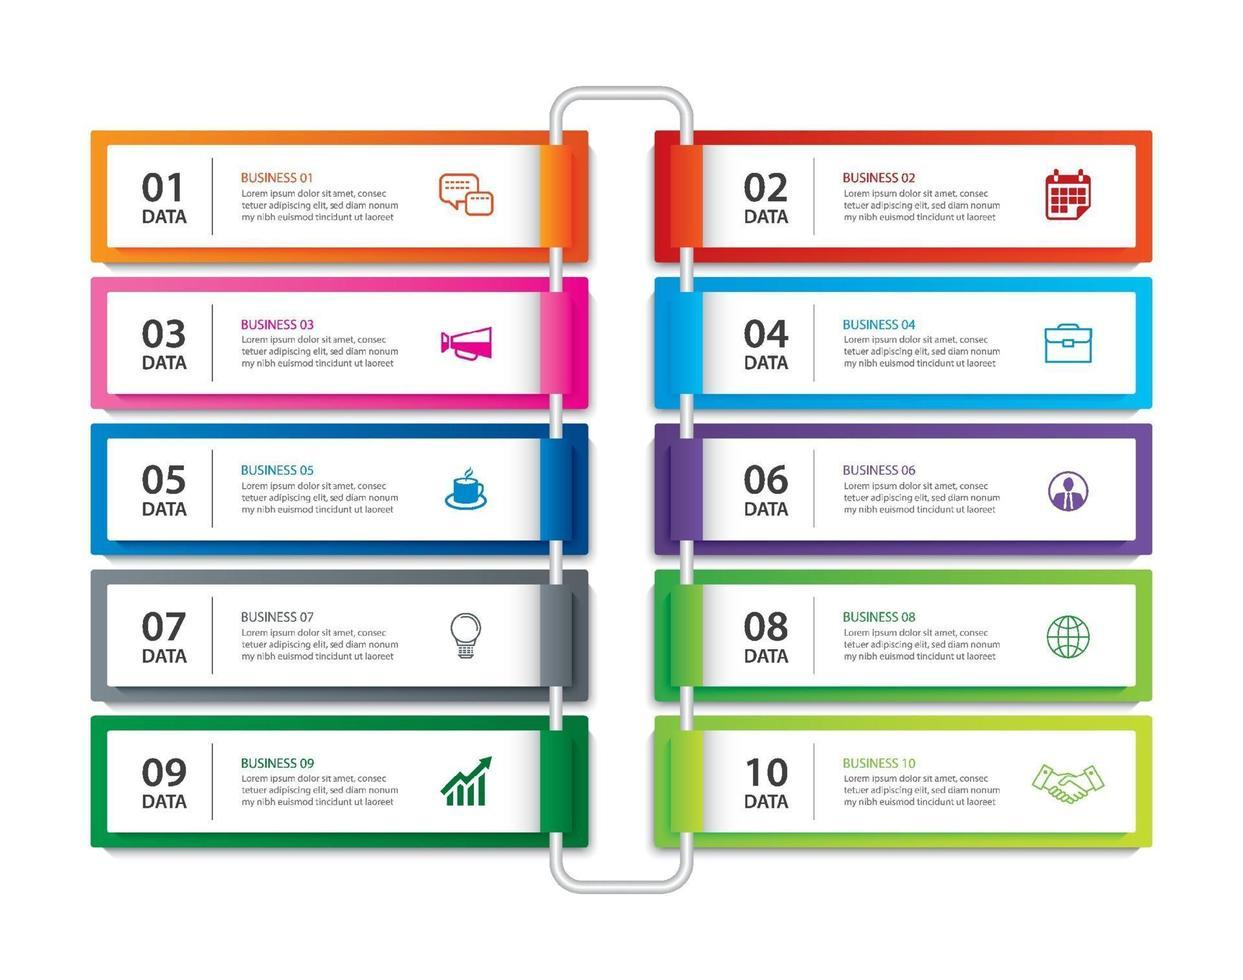 índice de papel de guia de infográficos com modelo de 10 dados. ilustração vetorial fundo abstrato. pode ser usado para layout de fluxo de trabalho, etapa de negócios, banner, design de web. vetor